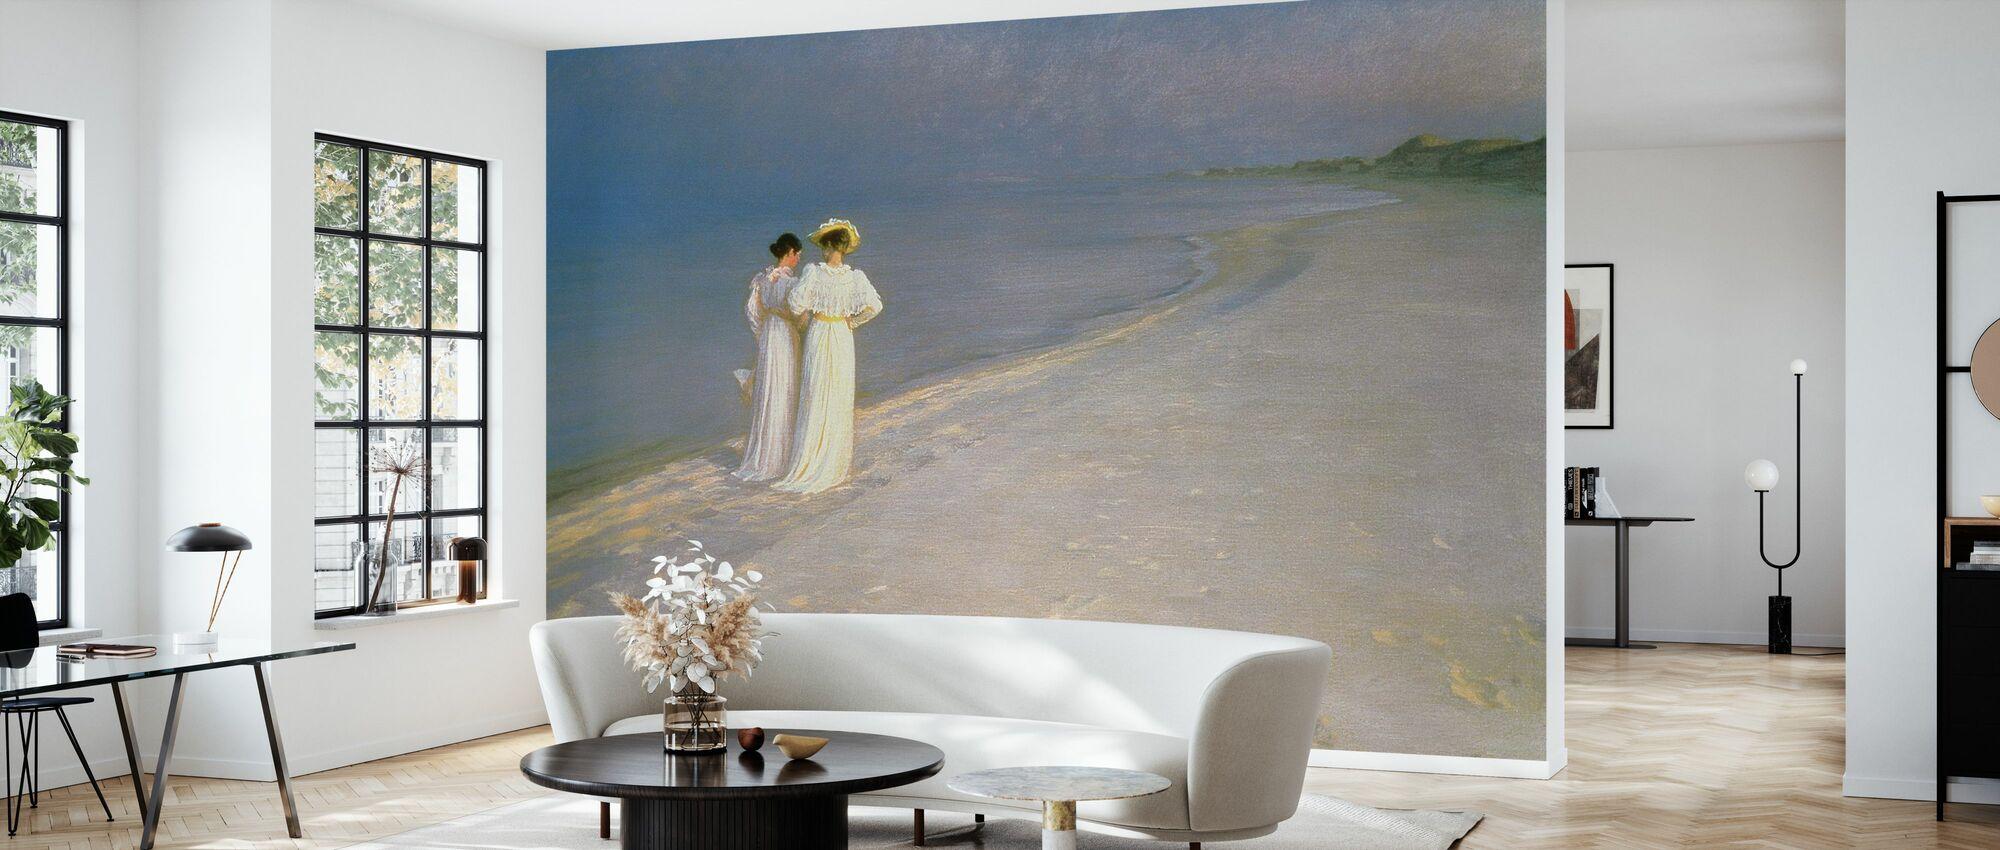 Sommeraften på Skagen Southern Beach med Anna Ancher og Marie Kroyer - Peder Severin Kroyer - Tapet - Stue